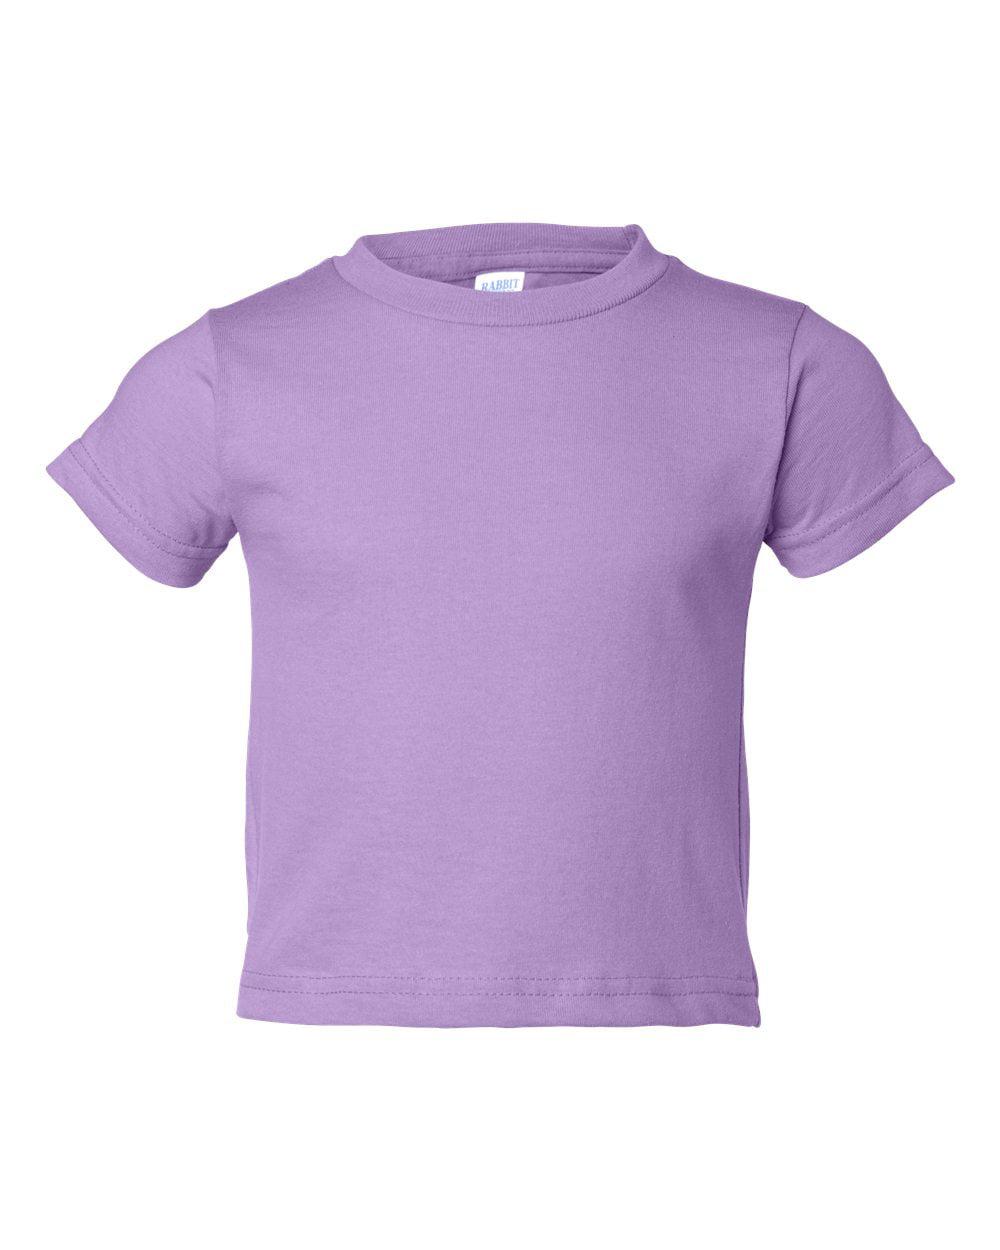 5.5 oz. Jersey Short-Sleeve T-Shirt